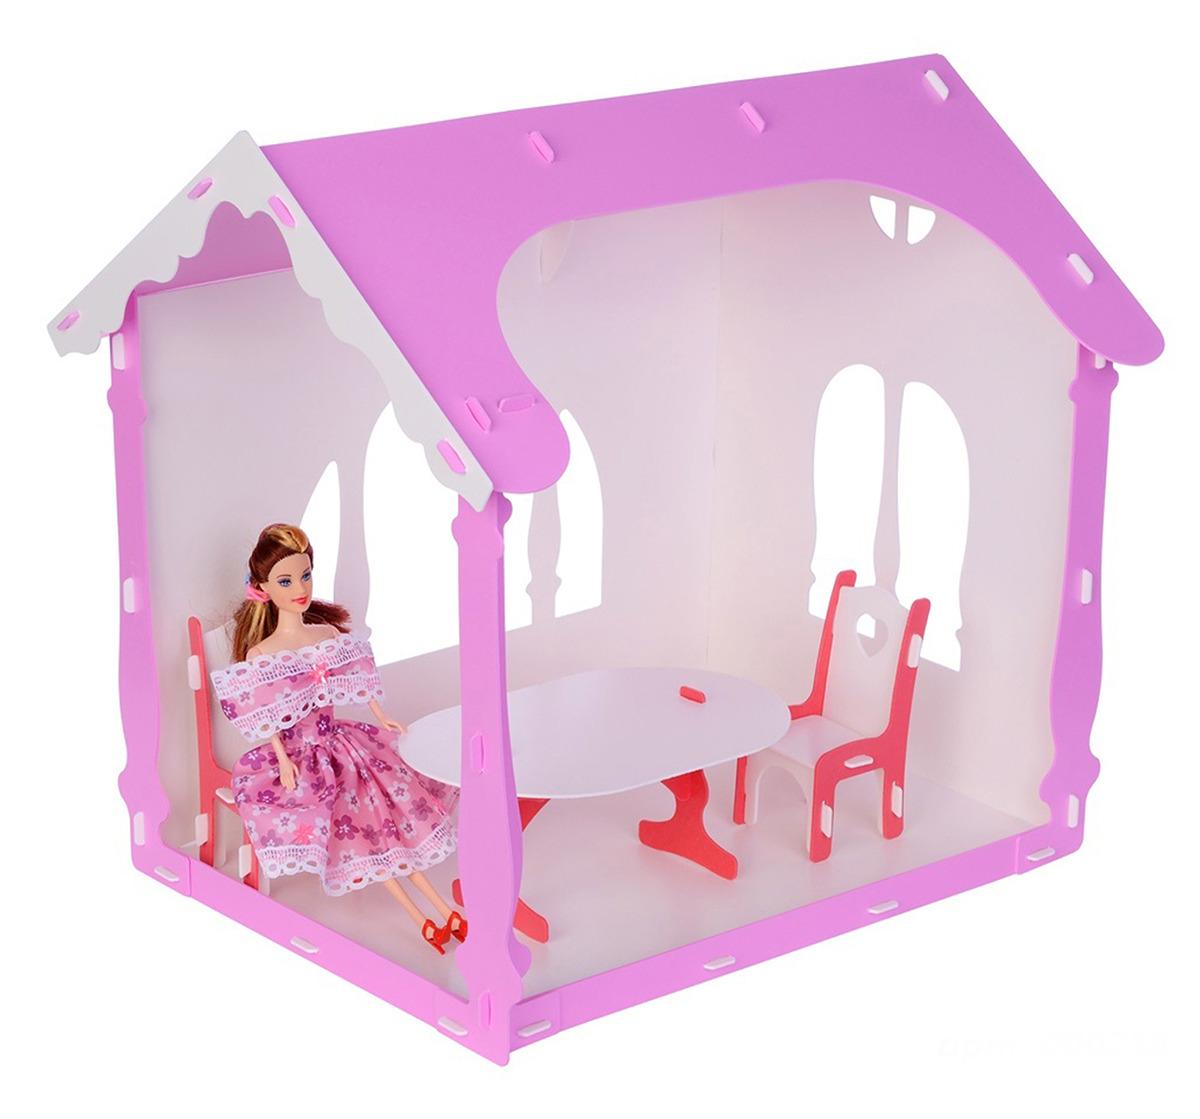 Дом для кукол Replace and Choose Летний дом Вероника, 3494266, с мебелью, белый, розовый replace and choose домик для кукол летний дом вероника бело с мебелью